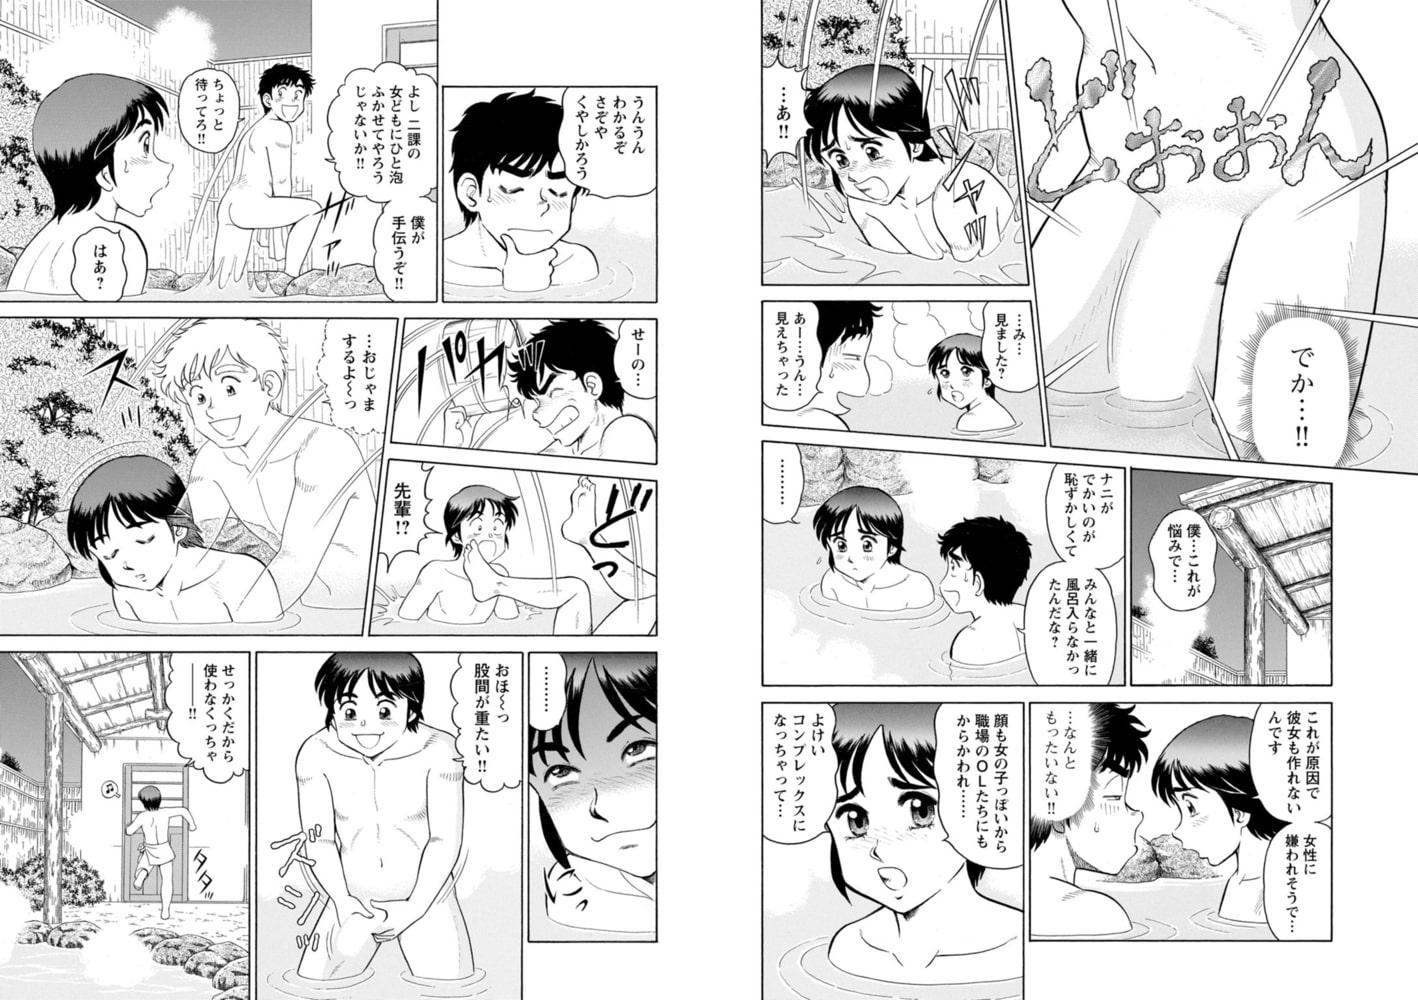 美人社員とハメまくり!~イケメン社員に乗り移ってヤり放題~ 2巻